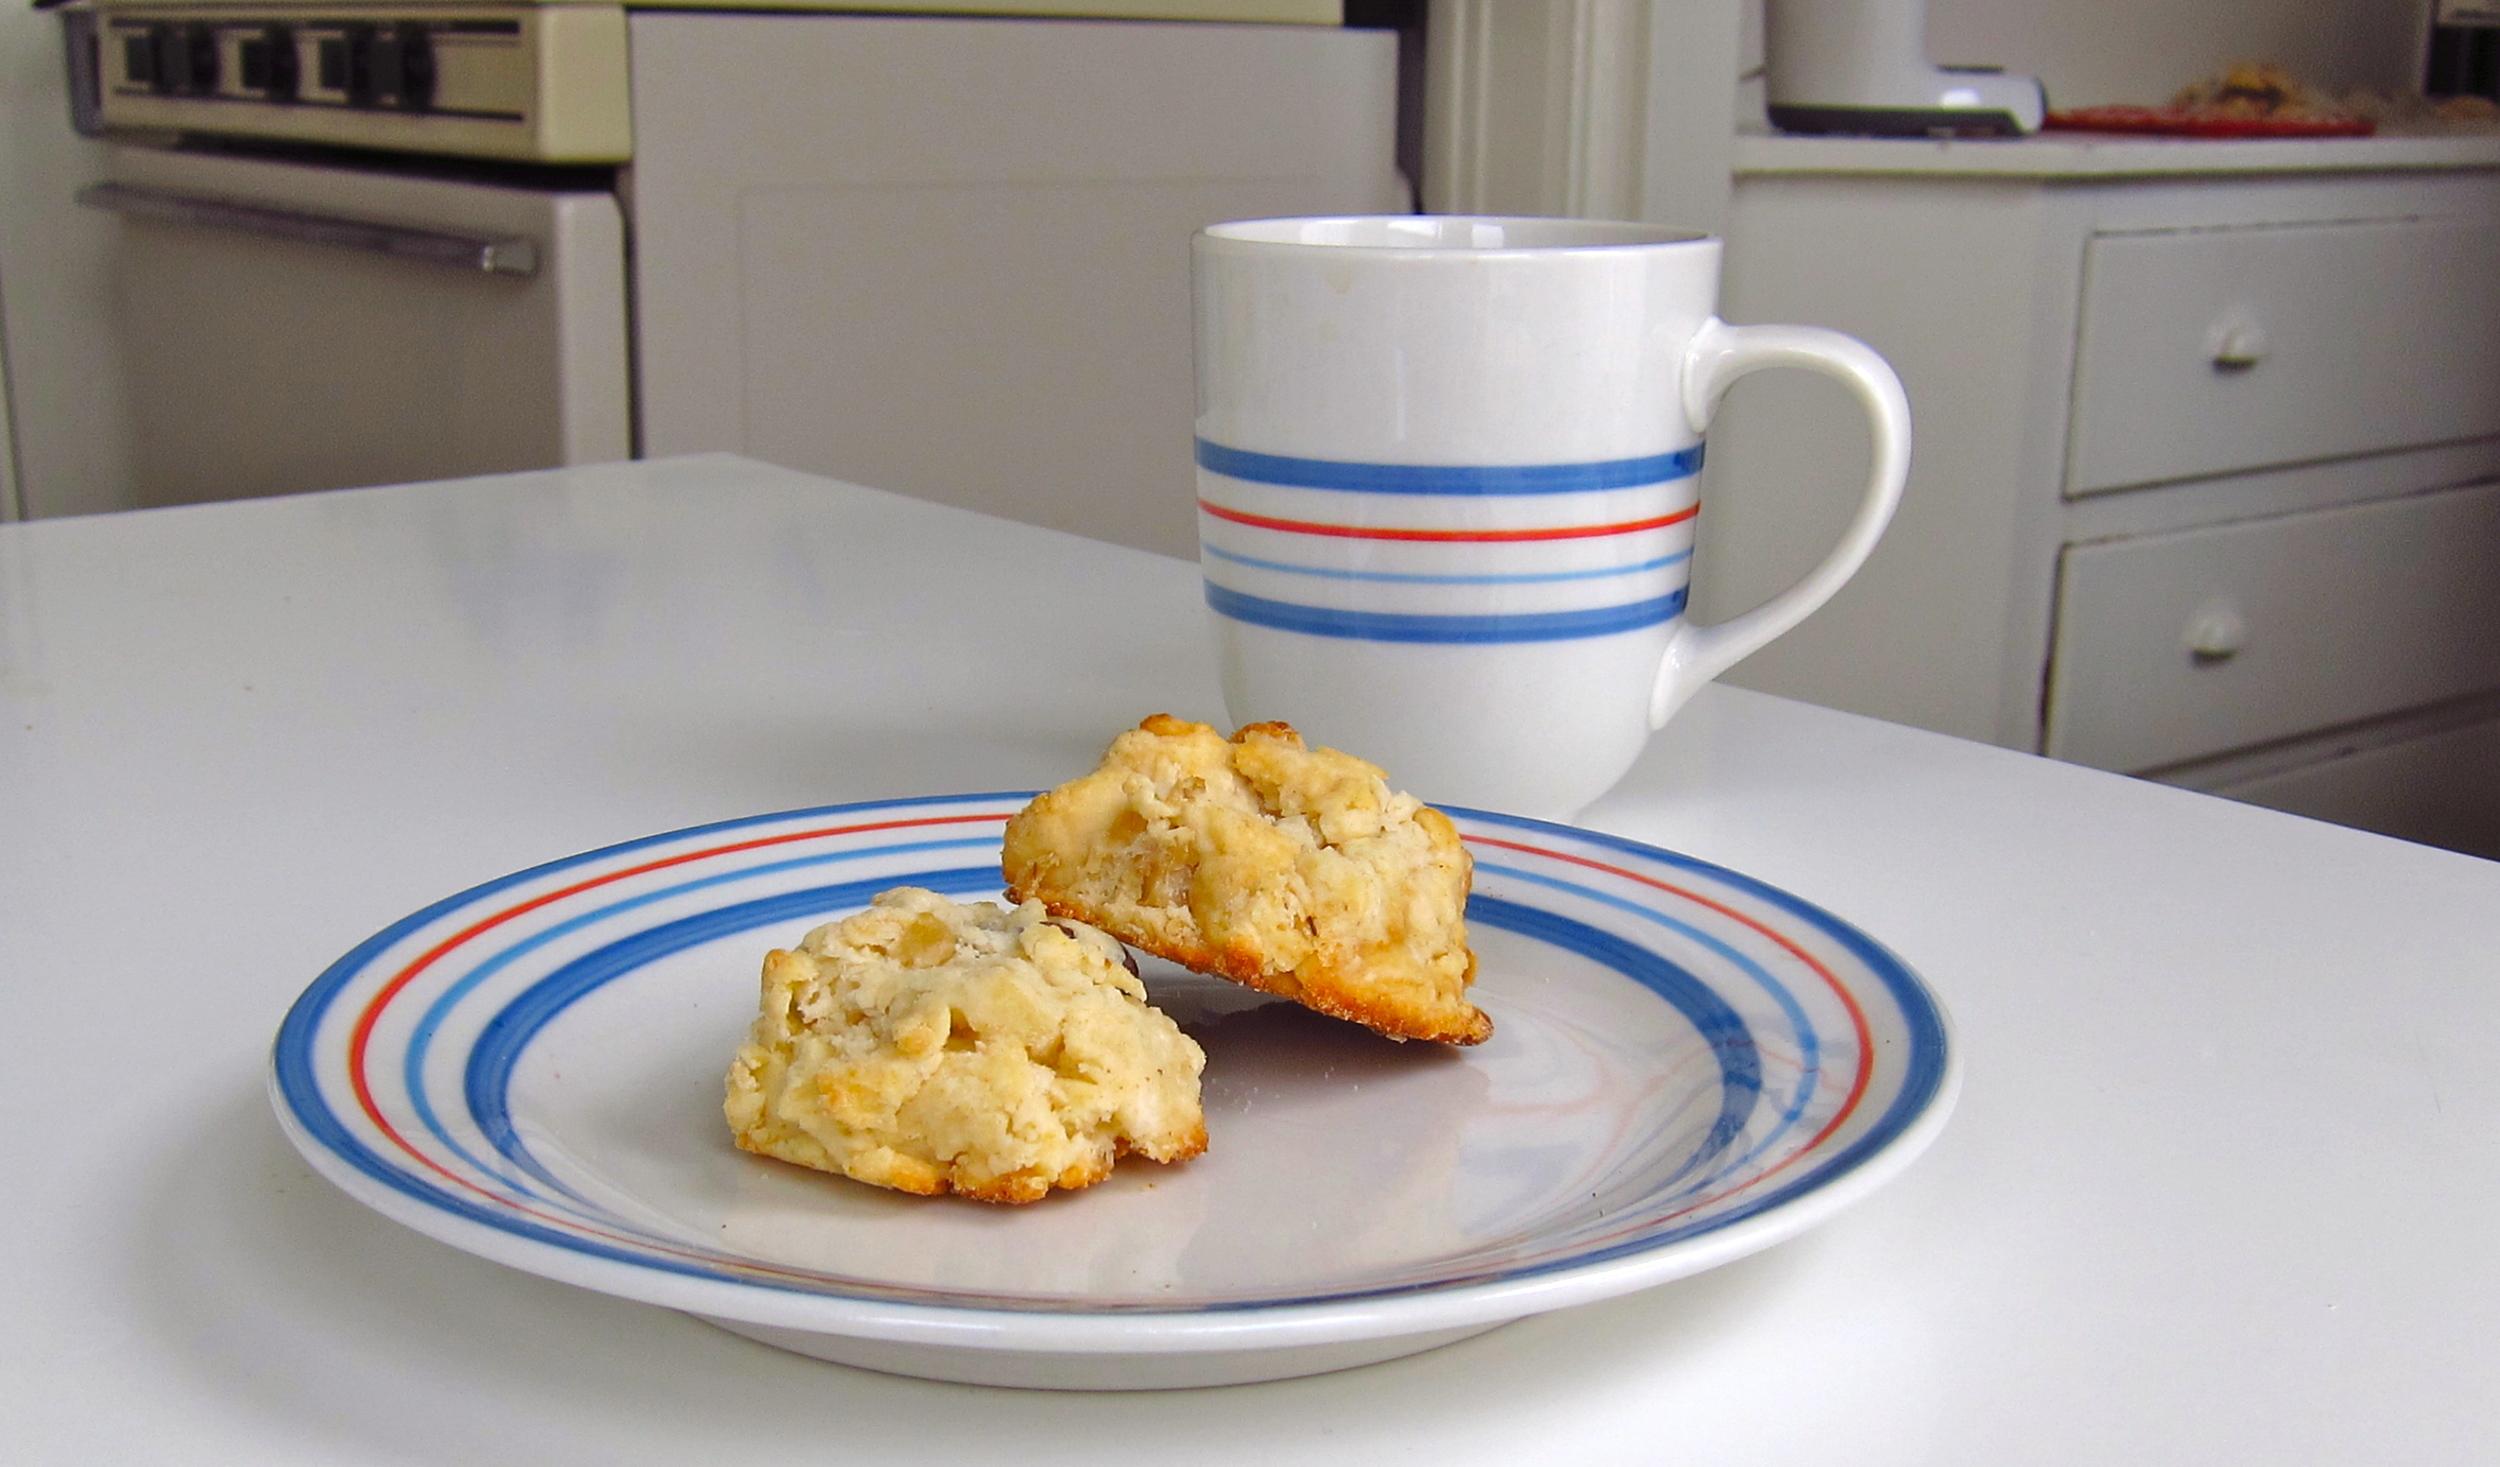 Cream scones and tea